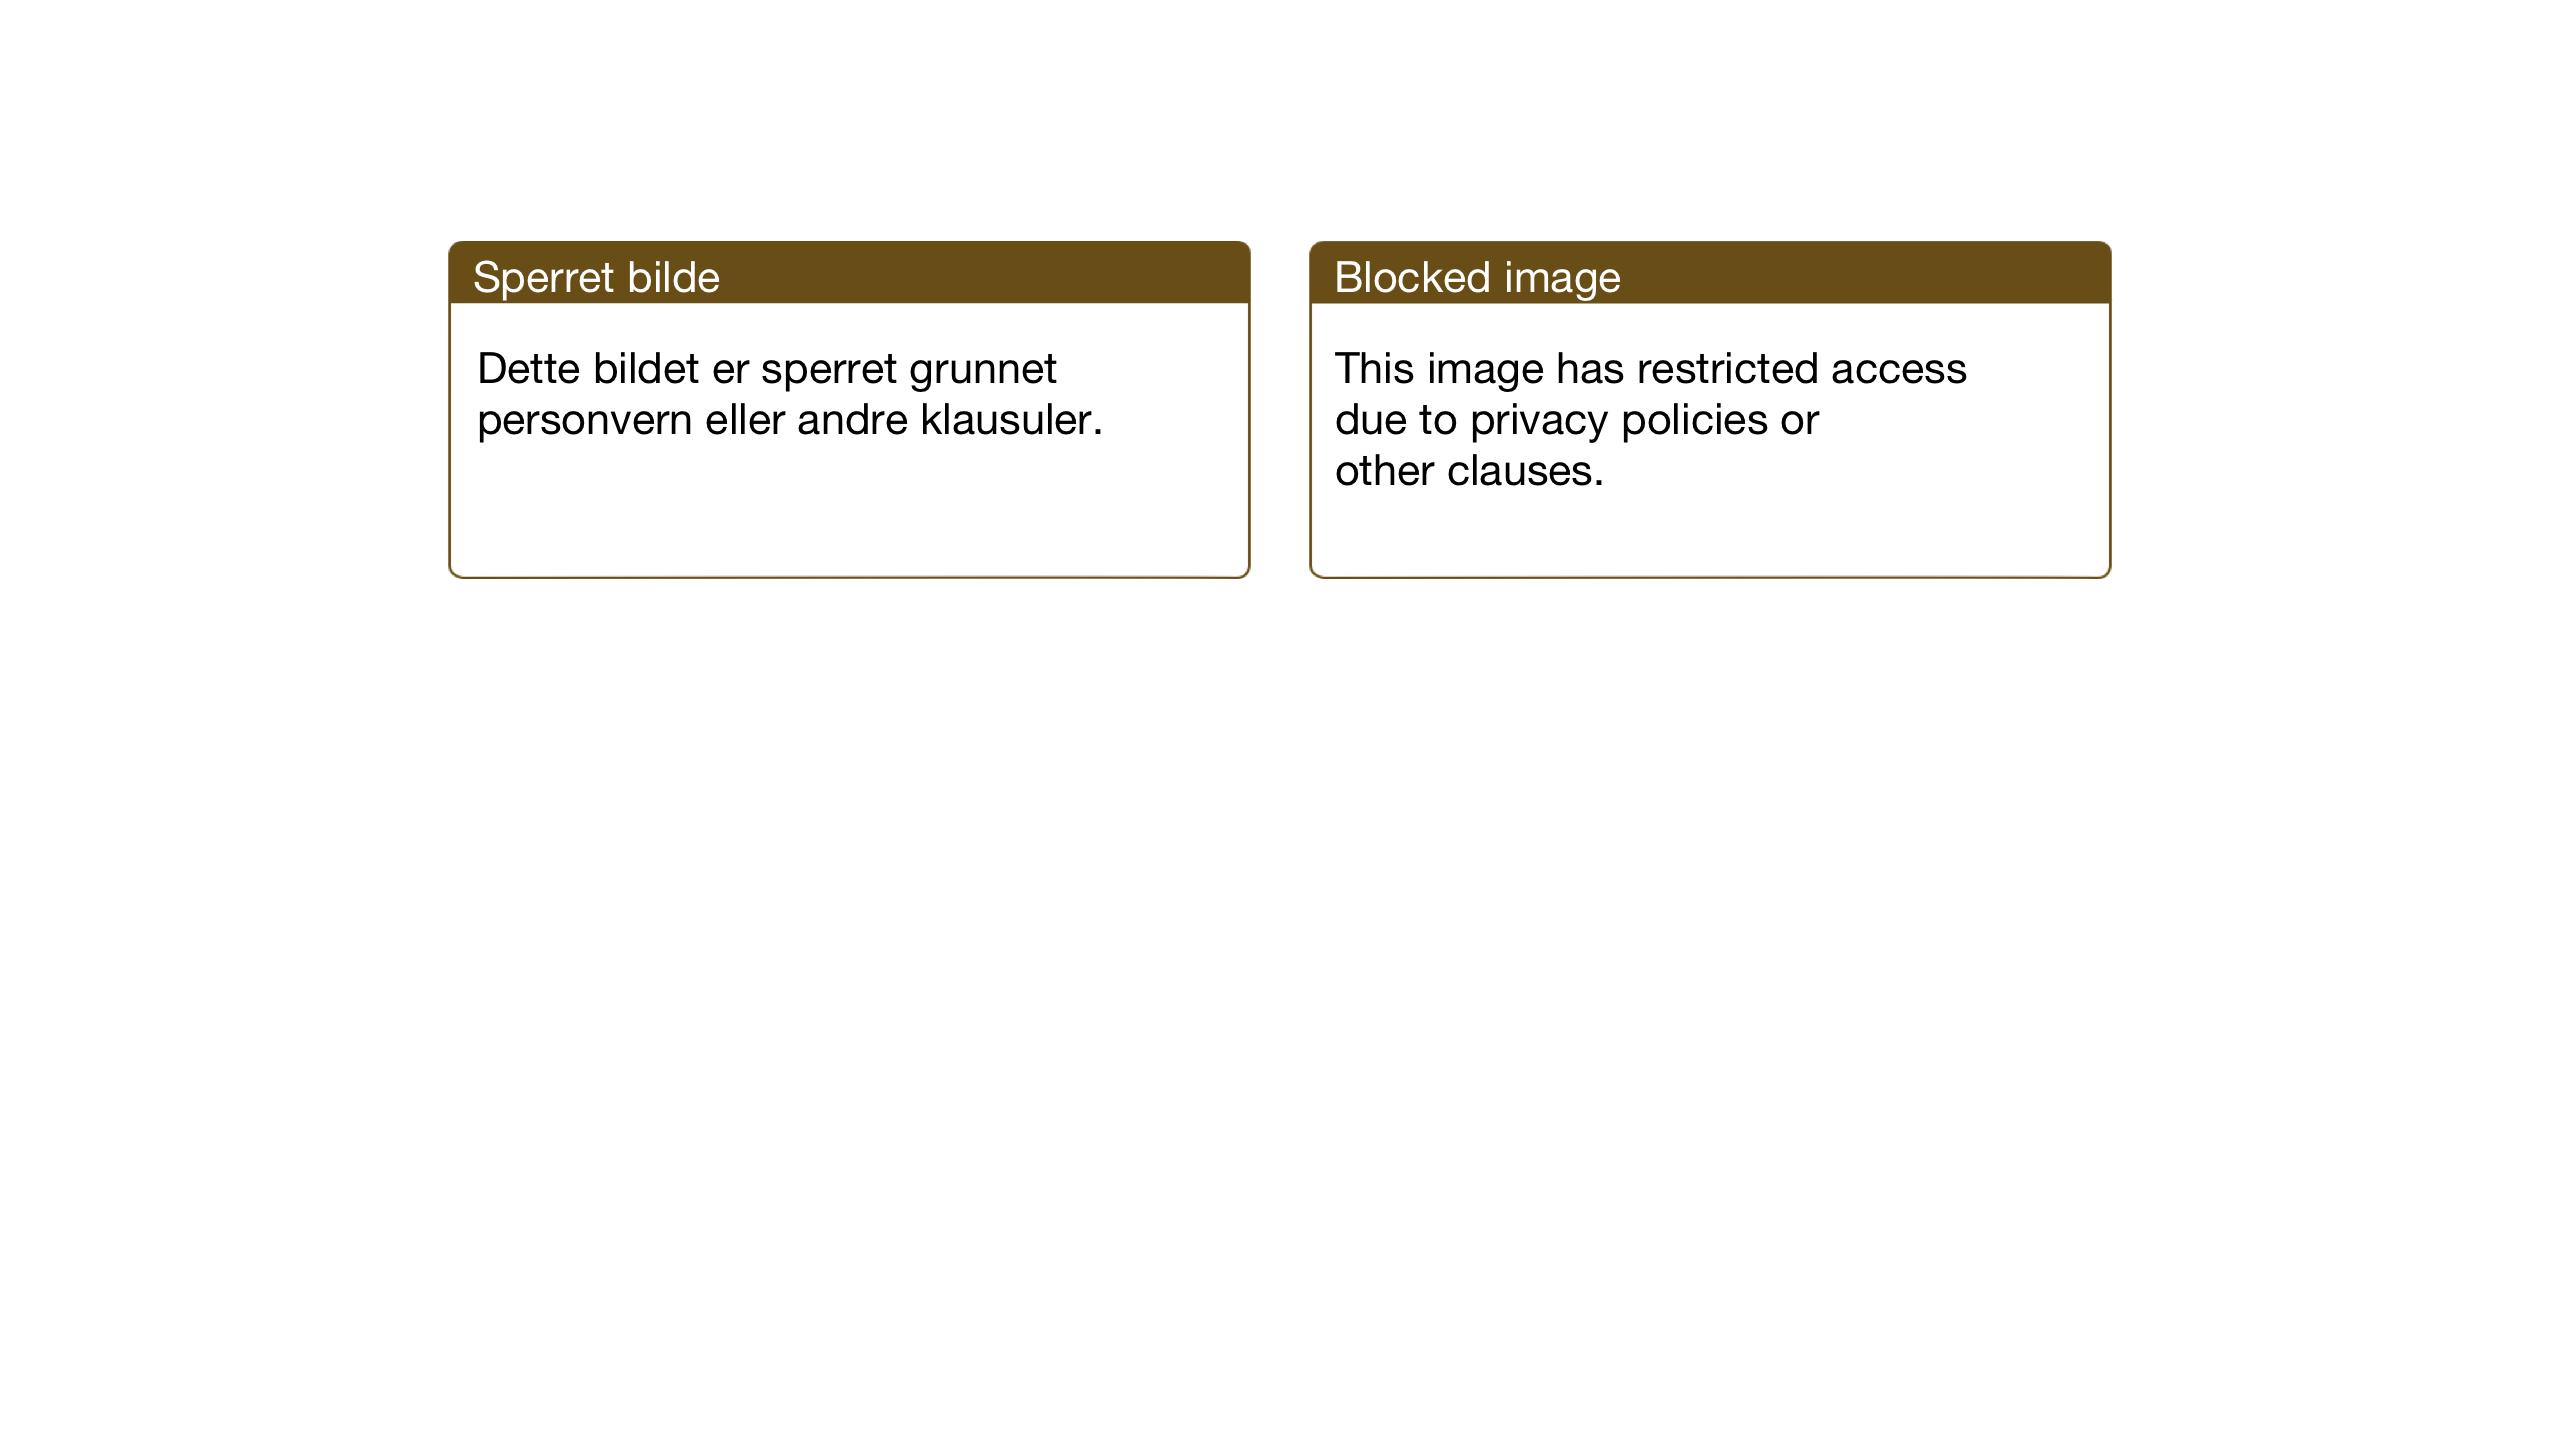 SAT, Ministerialprotokoller, klokkerbøker og fødselsregistre - Sør-Trøndelag, 655/L0690: Klokkerbok nr. 655C06, 1937-1950, s. 22